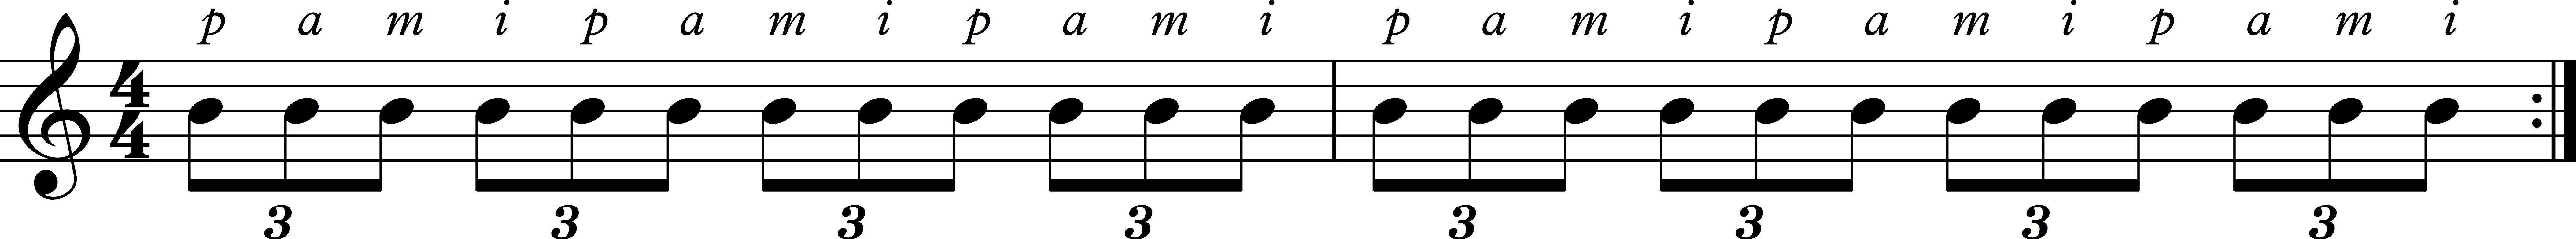 Rhythm 2 Tremolo 2.jpg